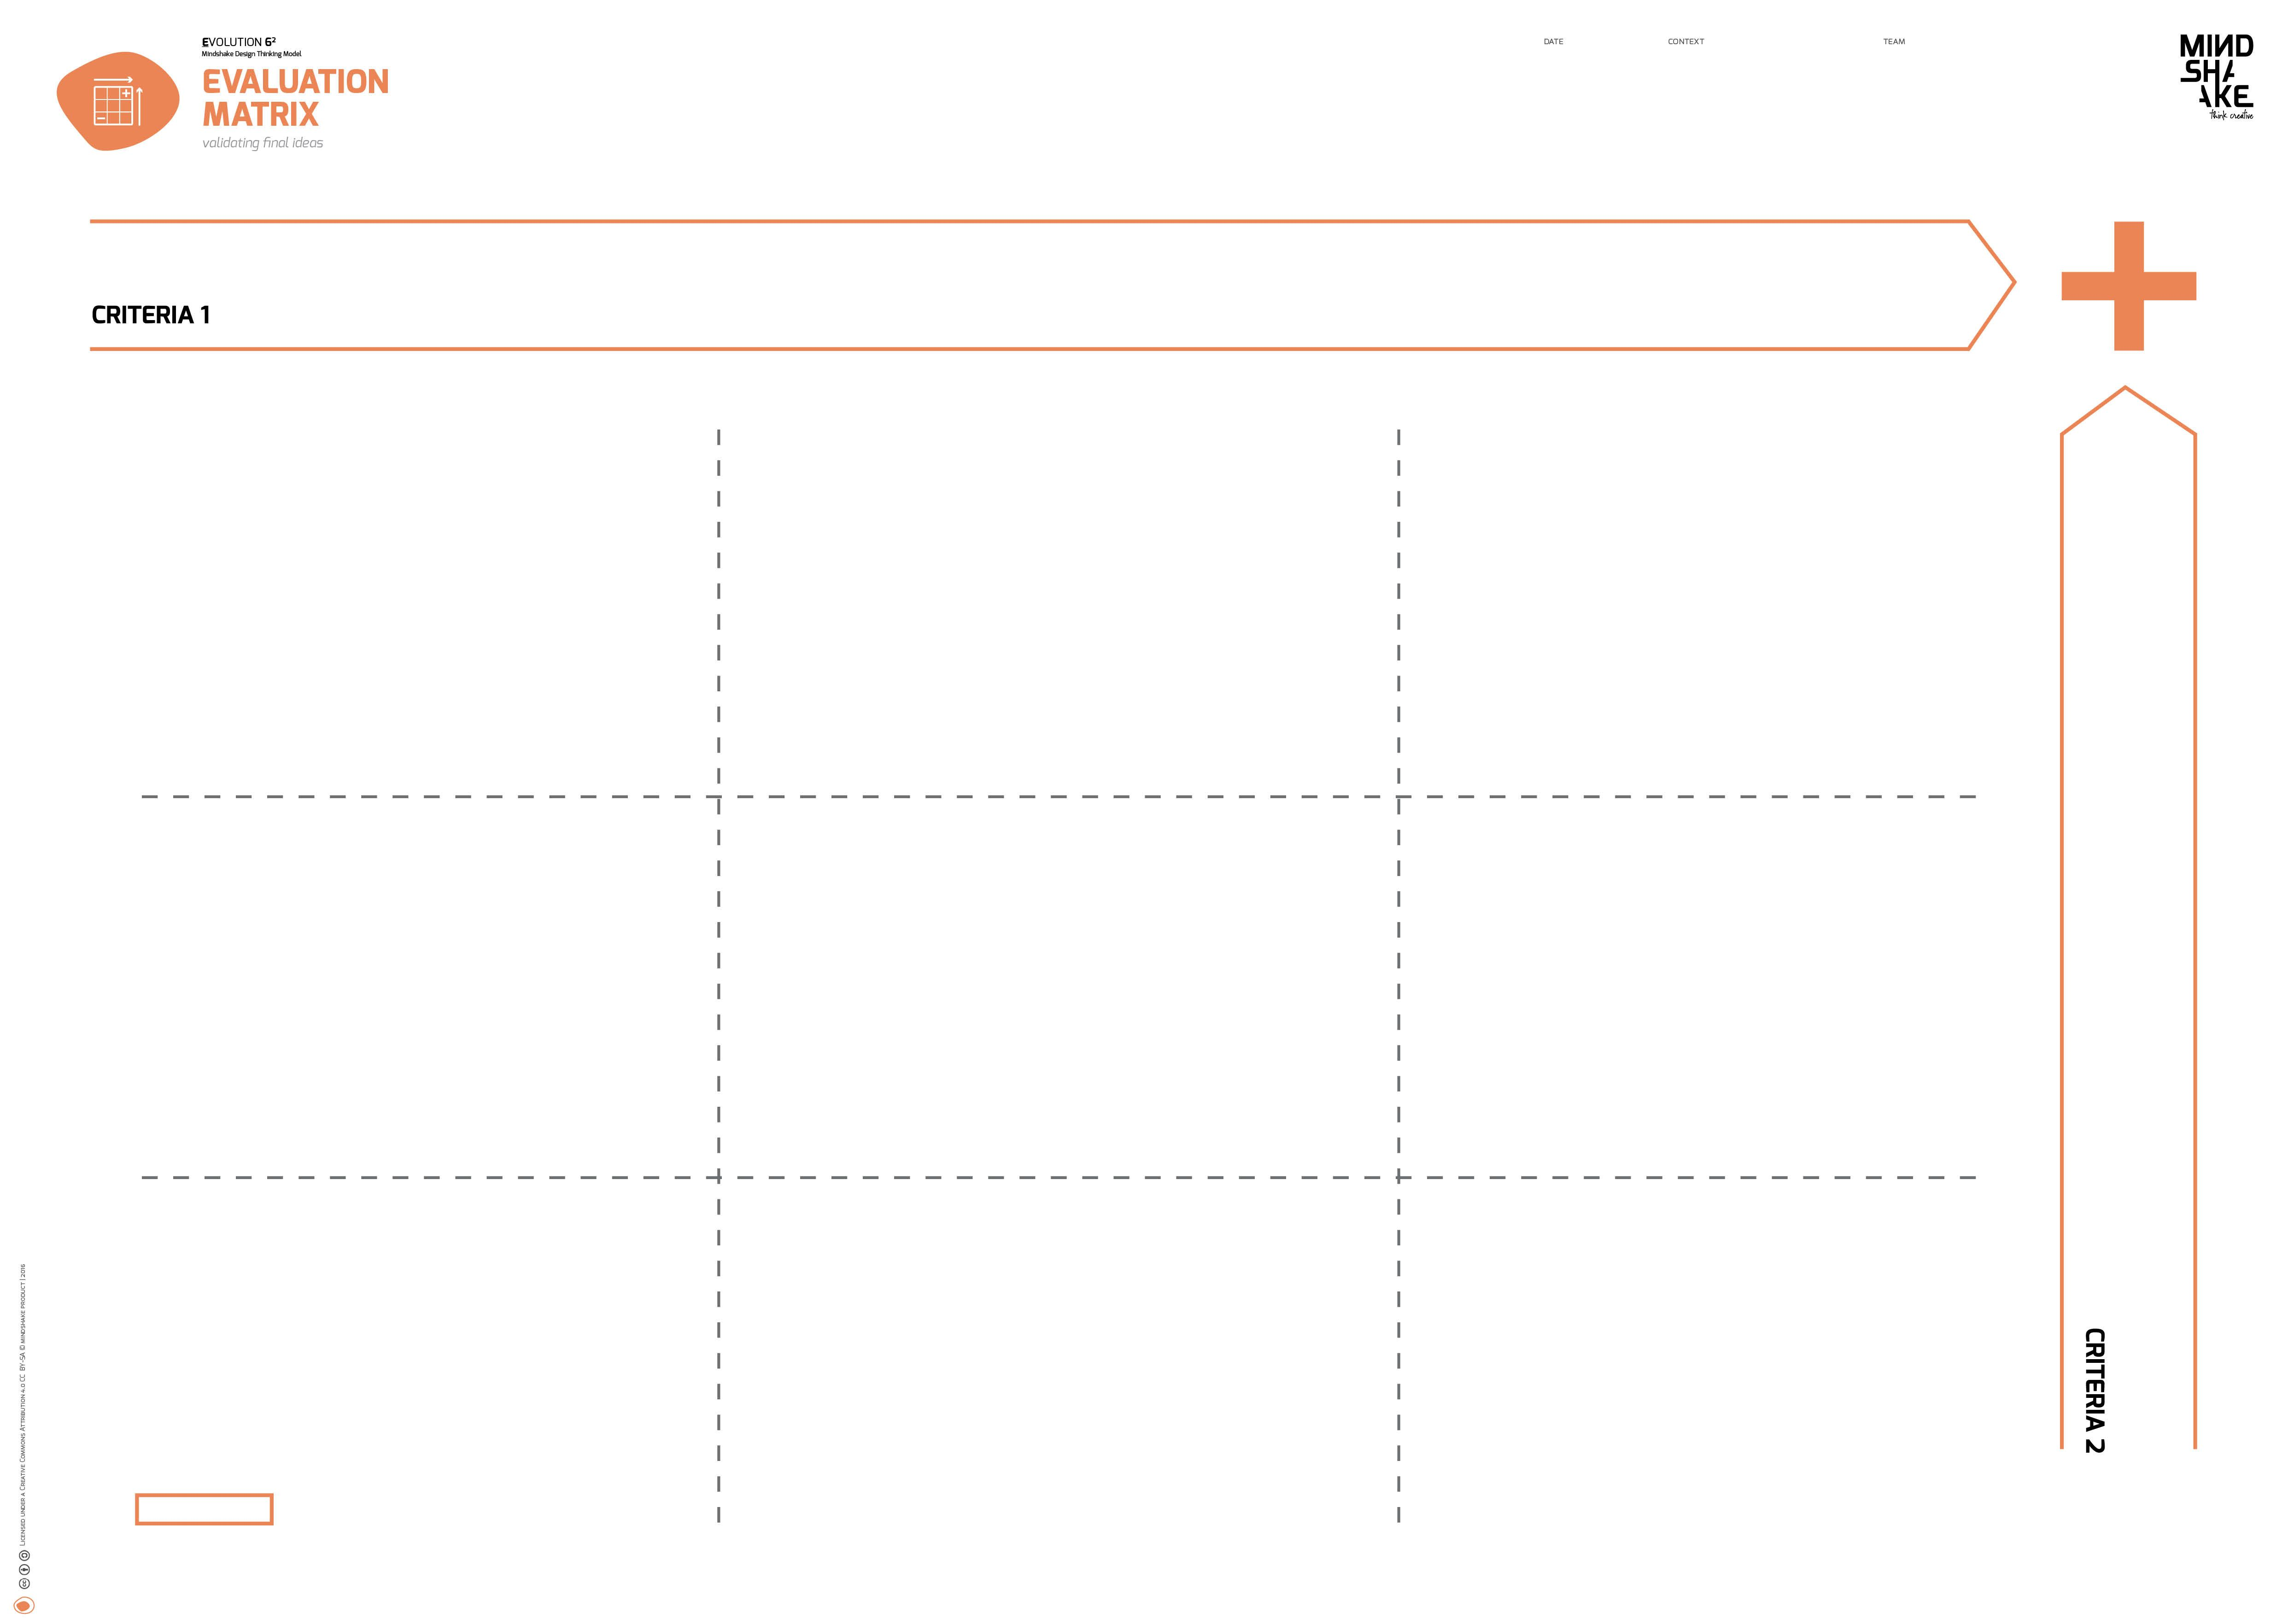 Evaluation Matrix Fmindshake Design Thinking Templates Pdf